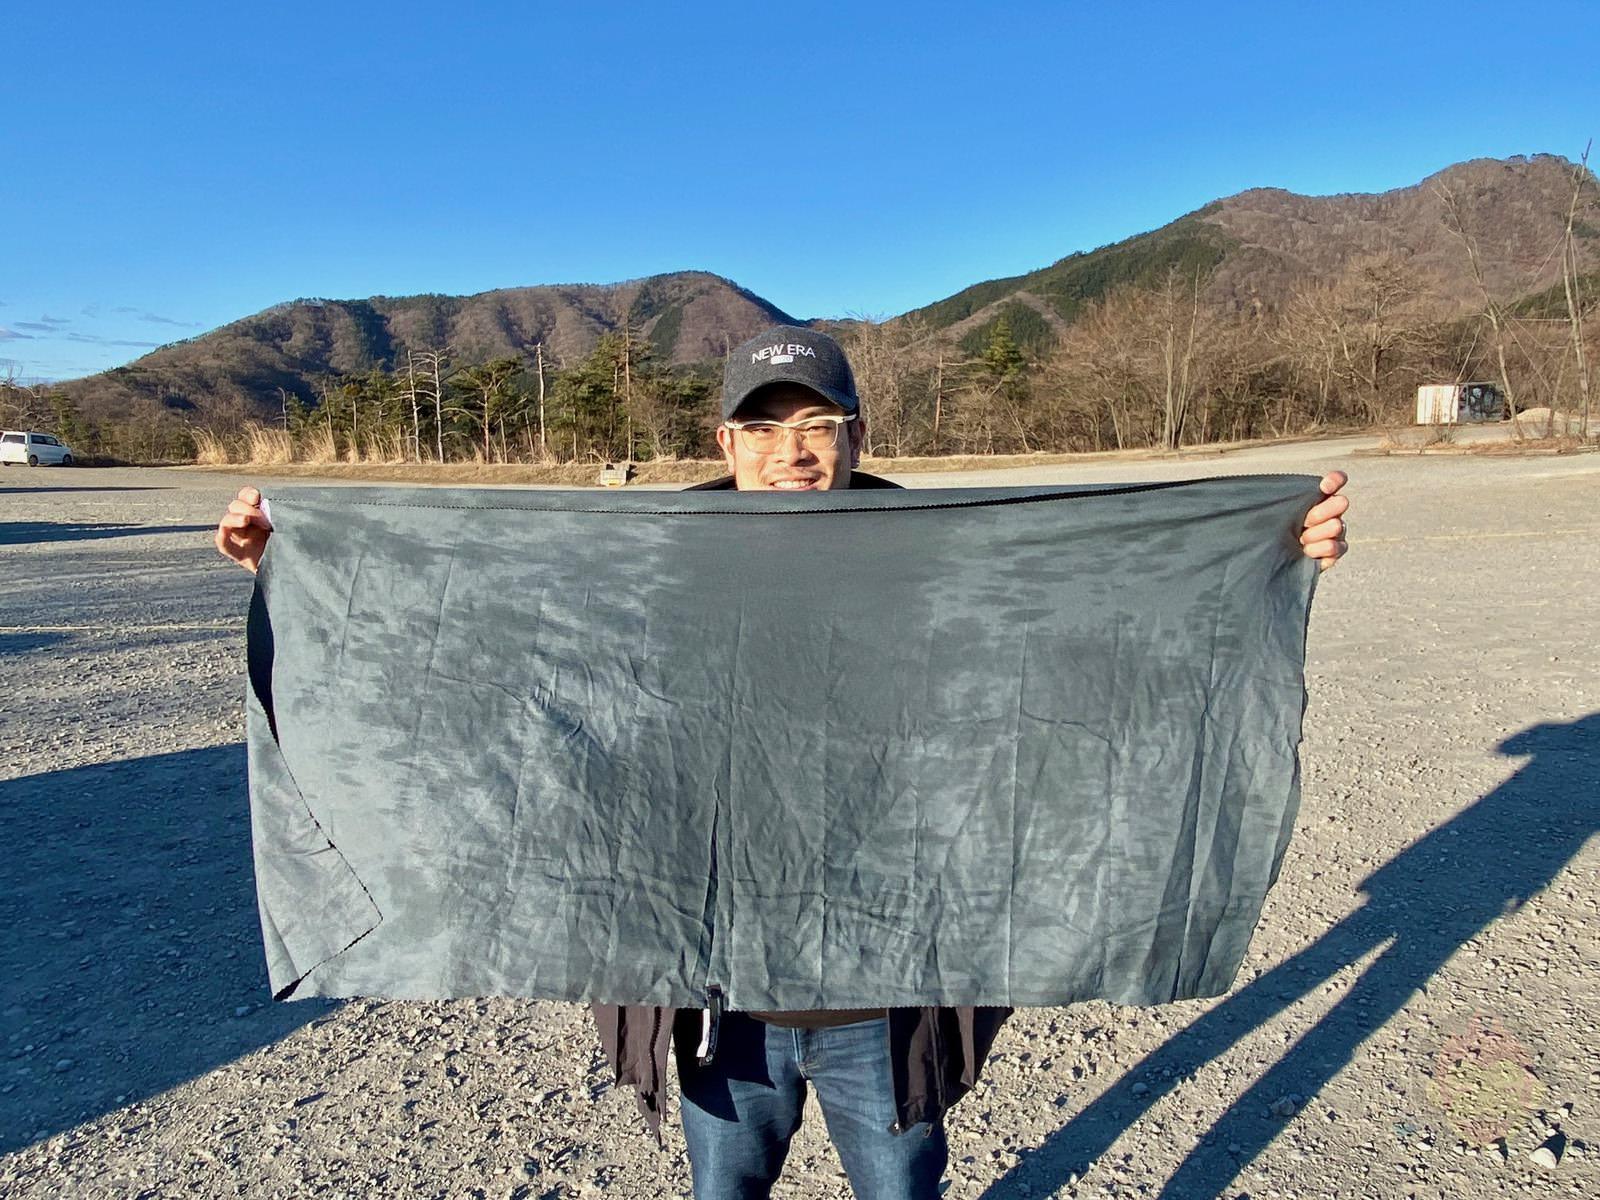 Matador-Nanodry-Towel-Review-05.jpeg